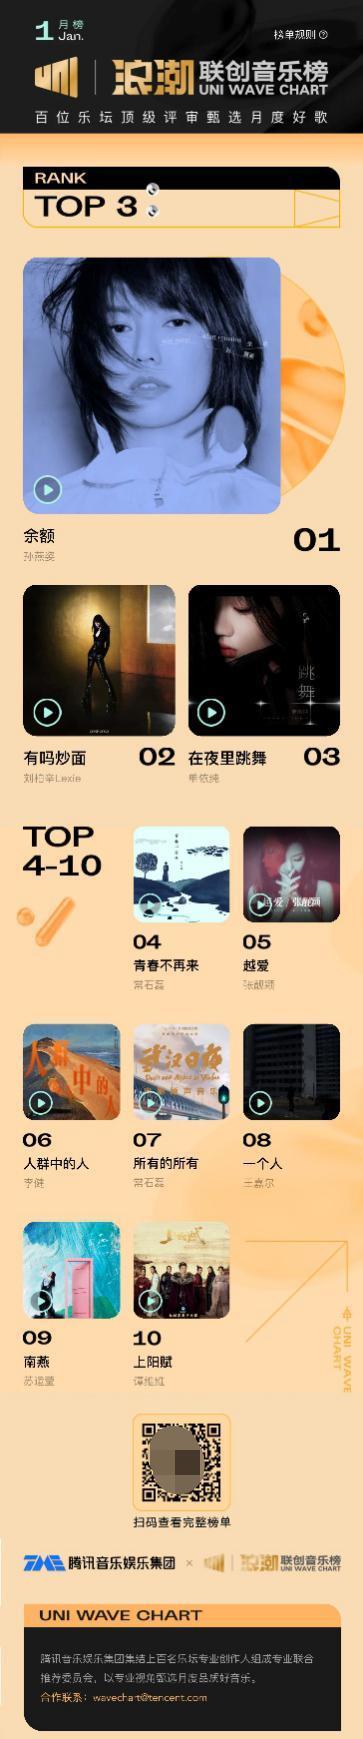 2021年第一个月Inspur连创榜单公布斯蒂芬妮、刘白昕、李健的质量